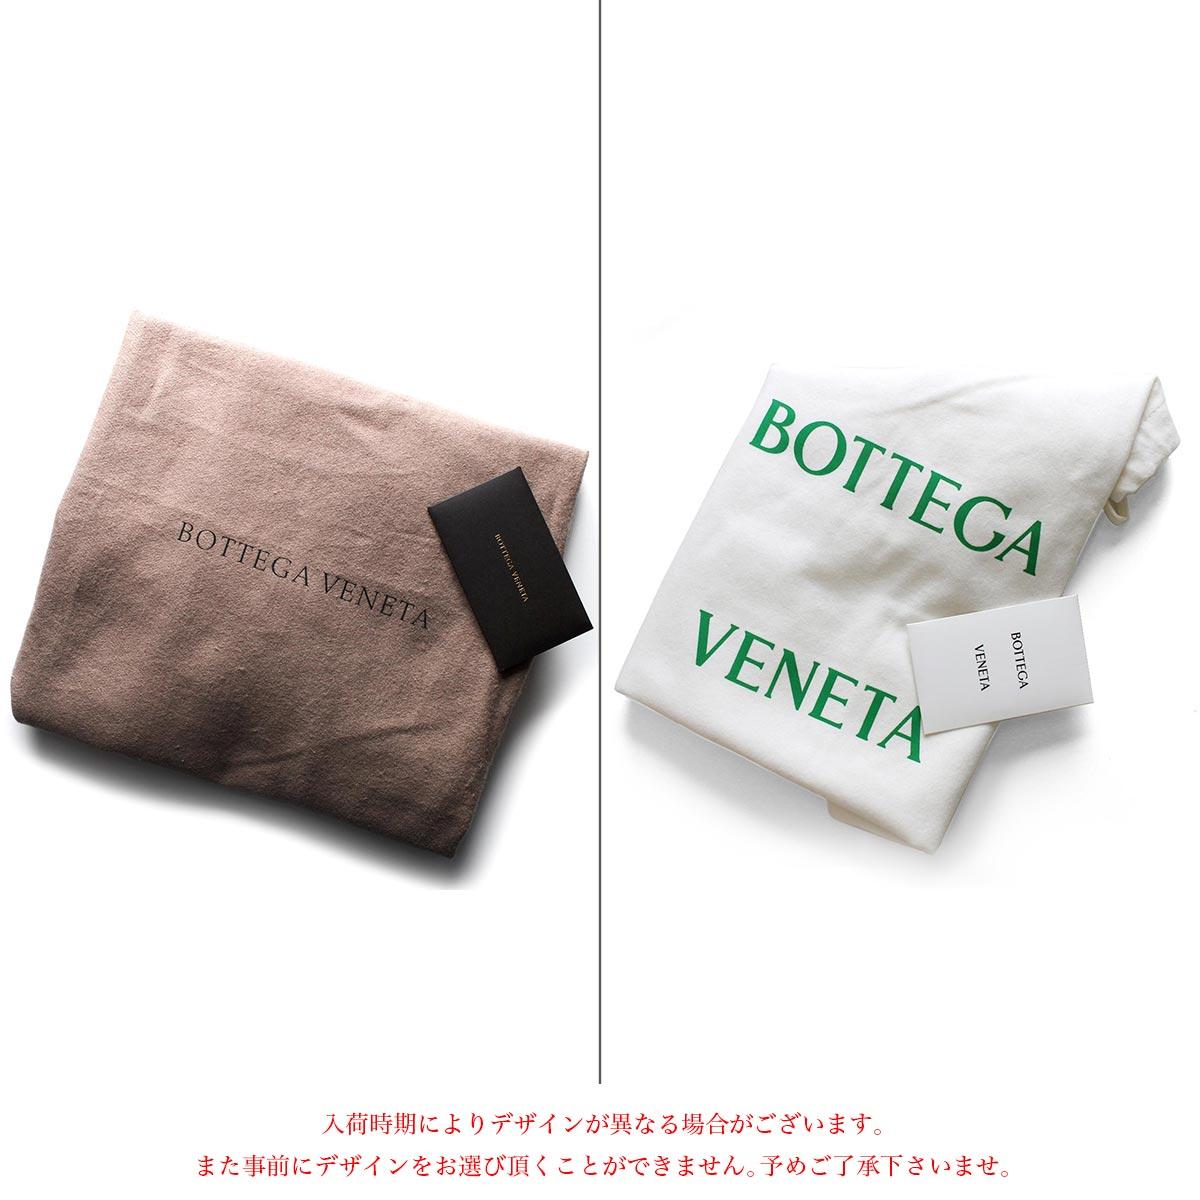 ボッテガヴェネタ BOTTEGA VENETA 가방 마르코 폴로 다크 네이 비 222498 V0085 4069 남성